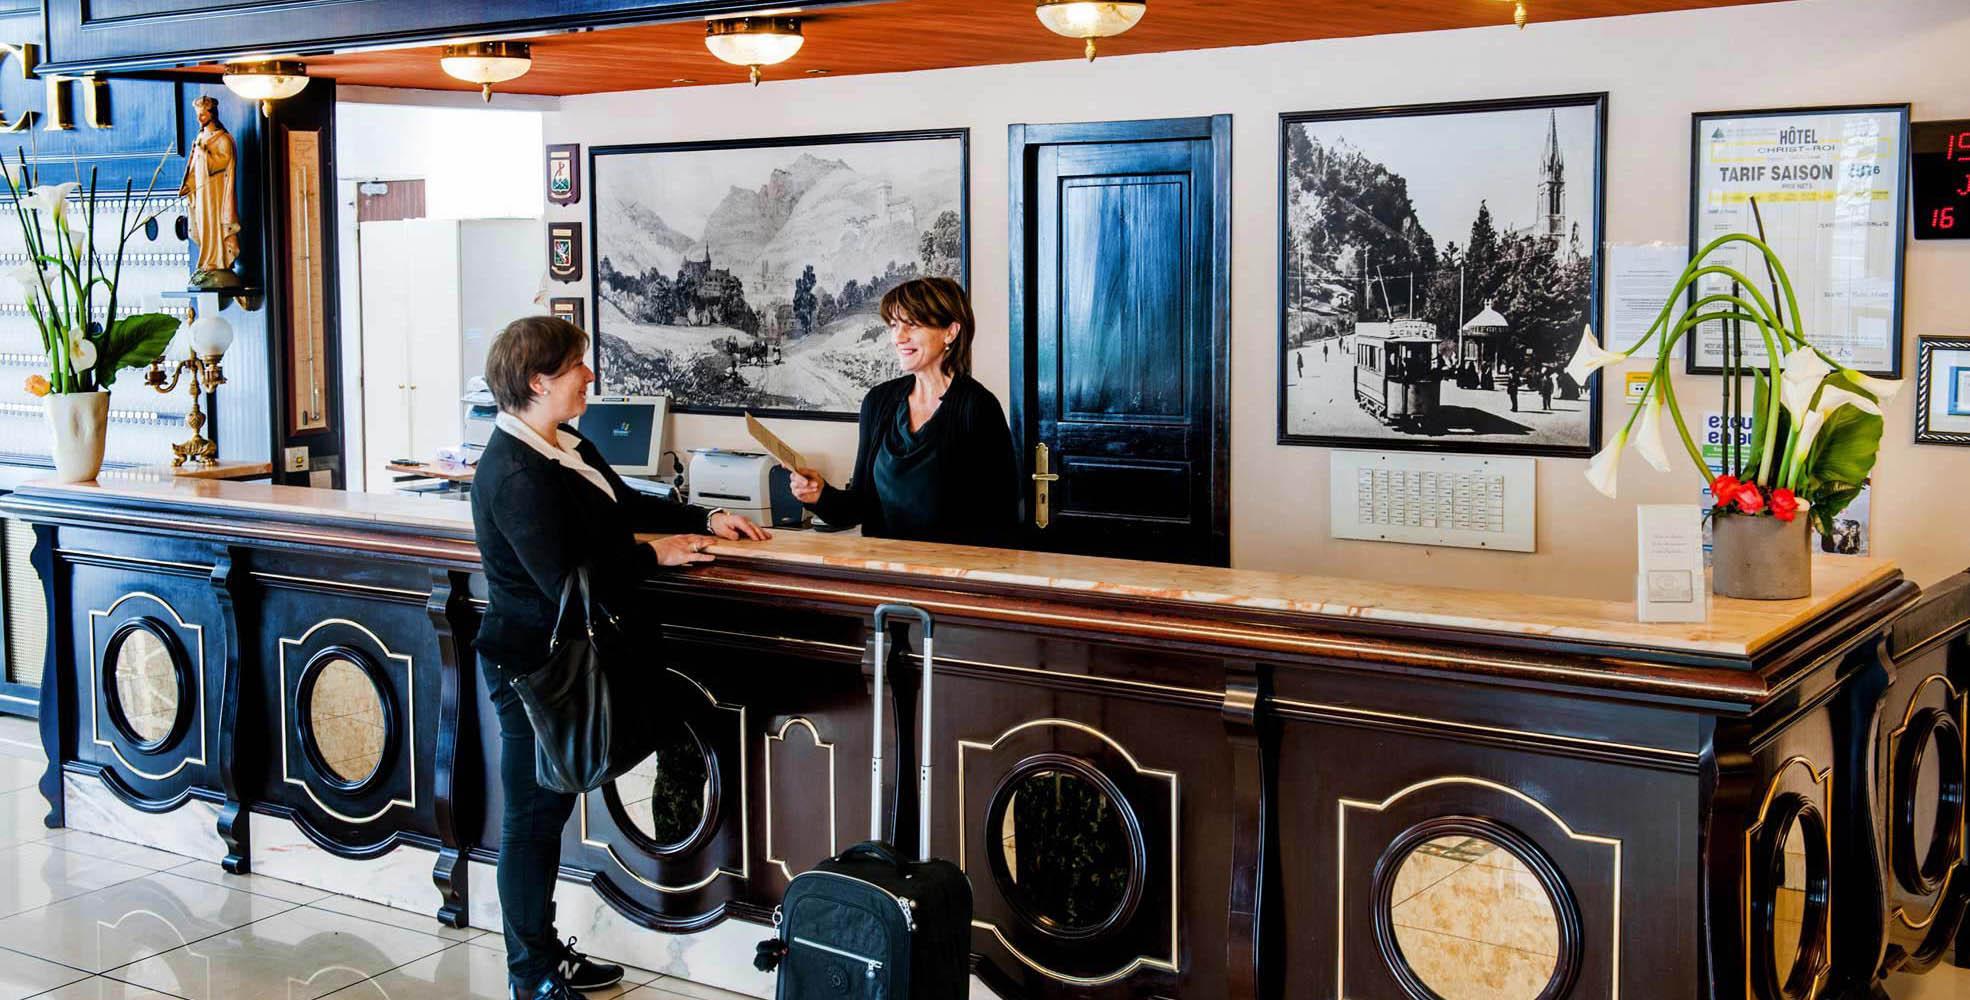 Réception de l'Hôtel Chirst Roi Lourdes 4 étoiles